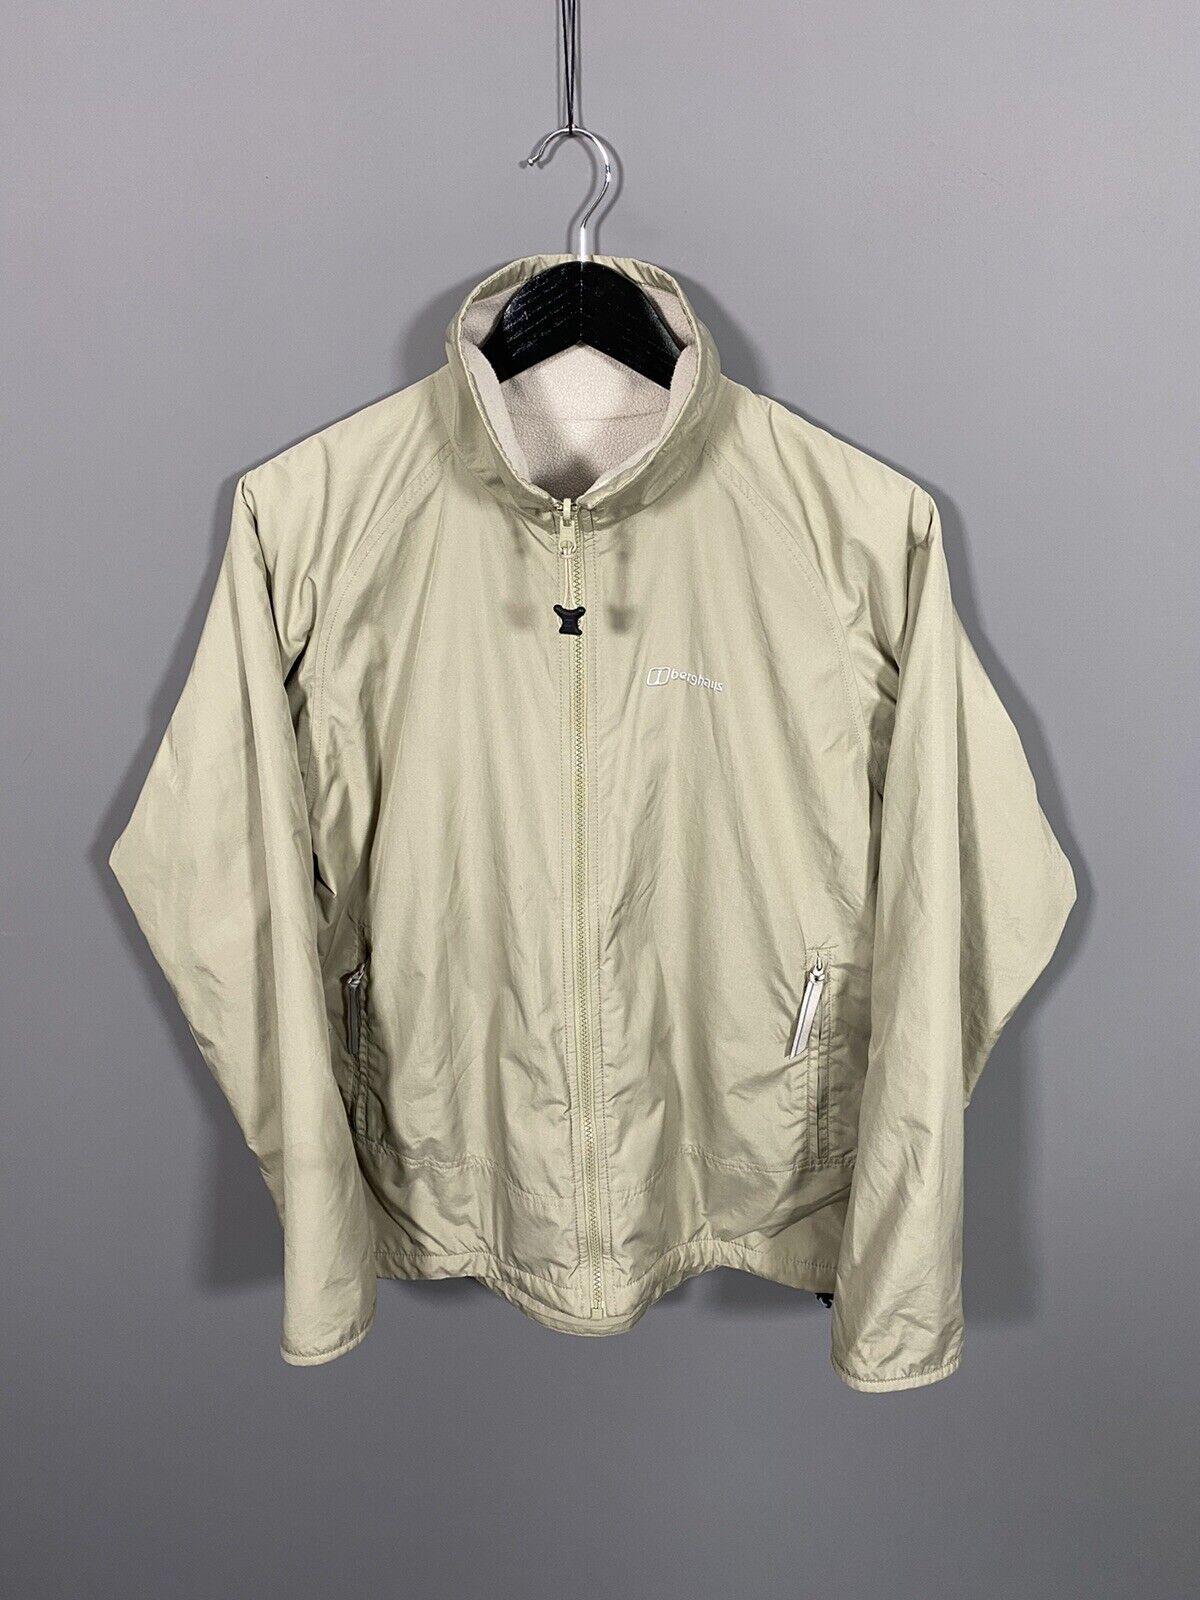 BERGHAUS Reversible Fleece Jacket - UK14 - Cream - Great Condition - Women's